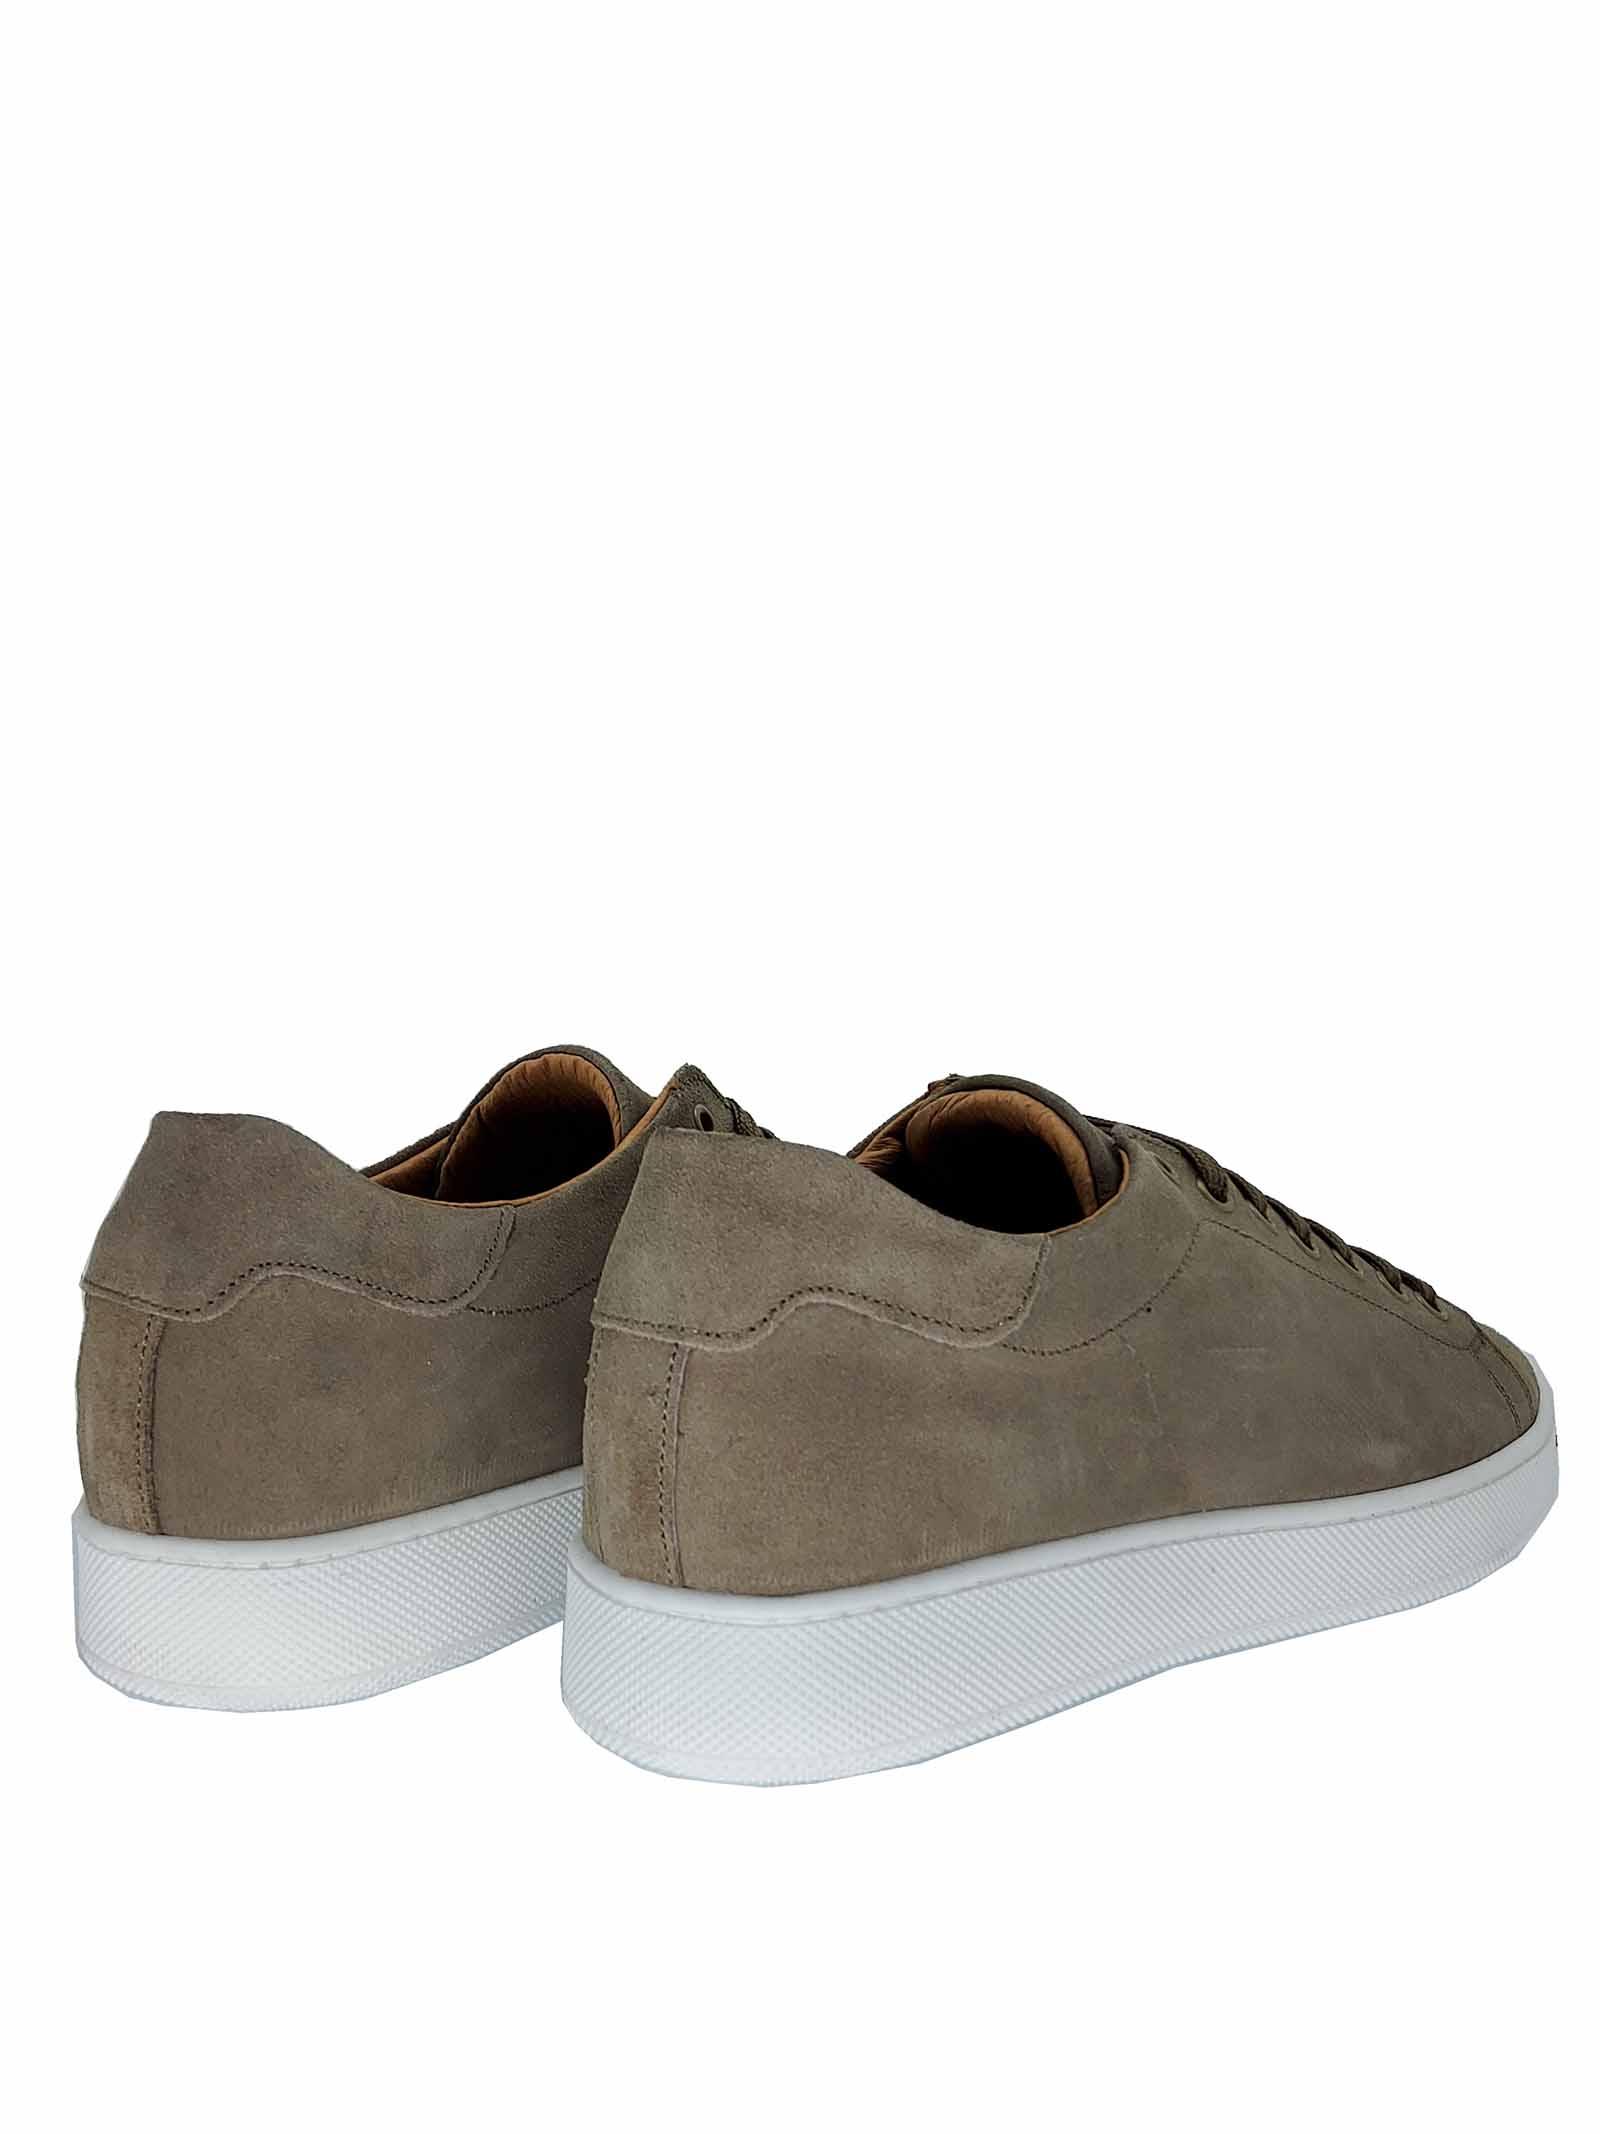 Calzature Uomo Sneakers in Camoscio Taupe con Fondo in Gomma Spatarella | Sneaker | 2011023